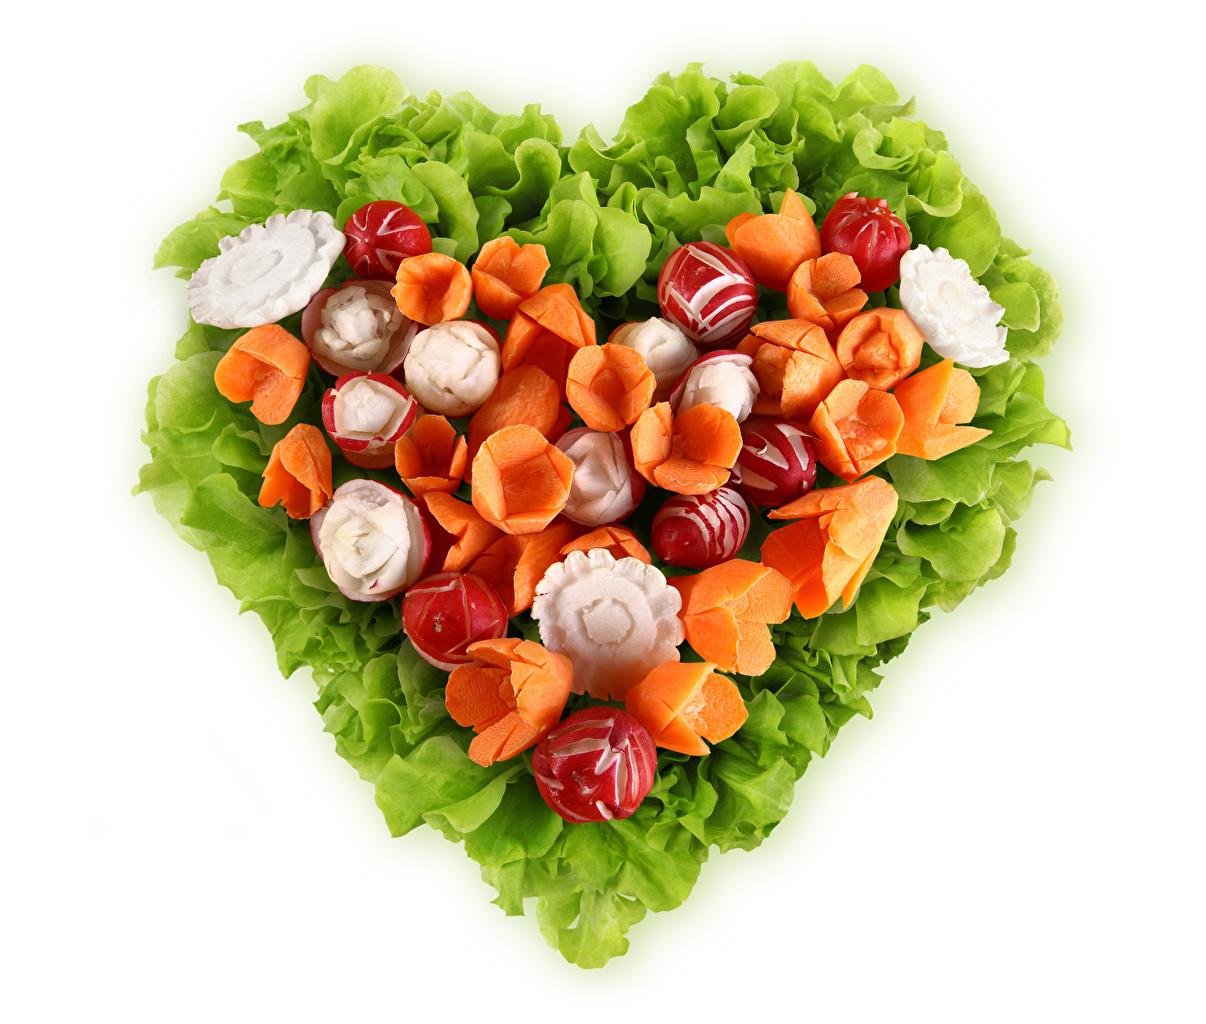 Фотографии серце Редис морковка Еда Овощи белом фоне Дизайн Сердце сердца сердечко Морковь Пища Продукты питания Белый фон белым фоном дизайна